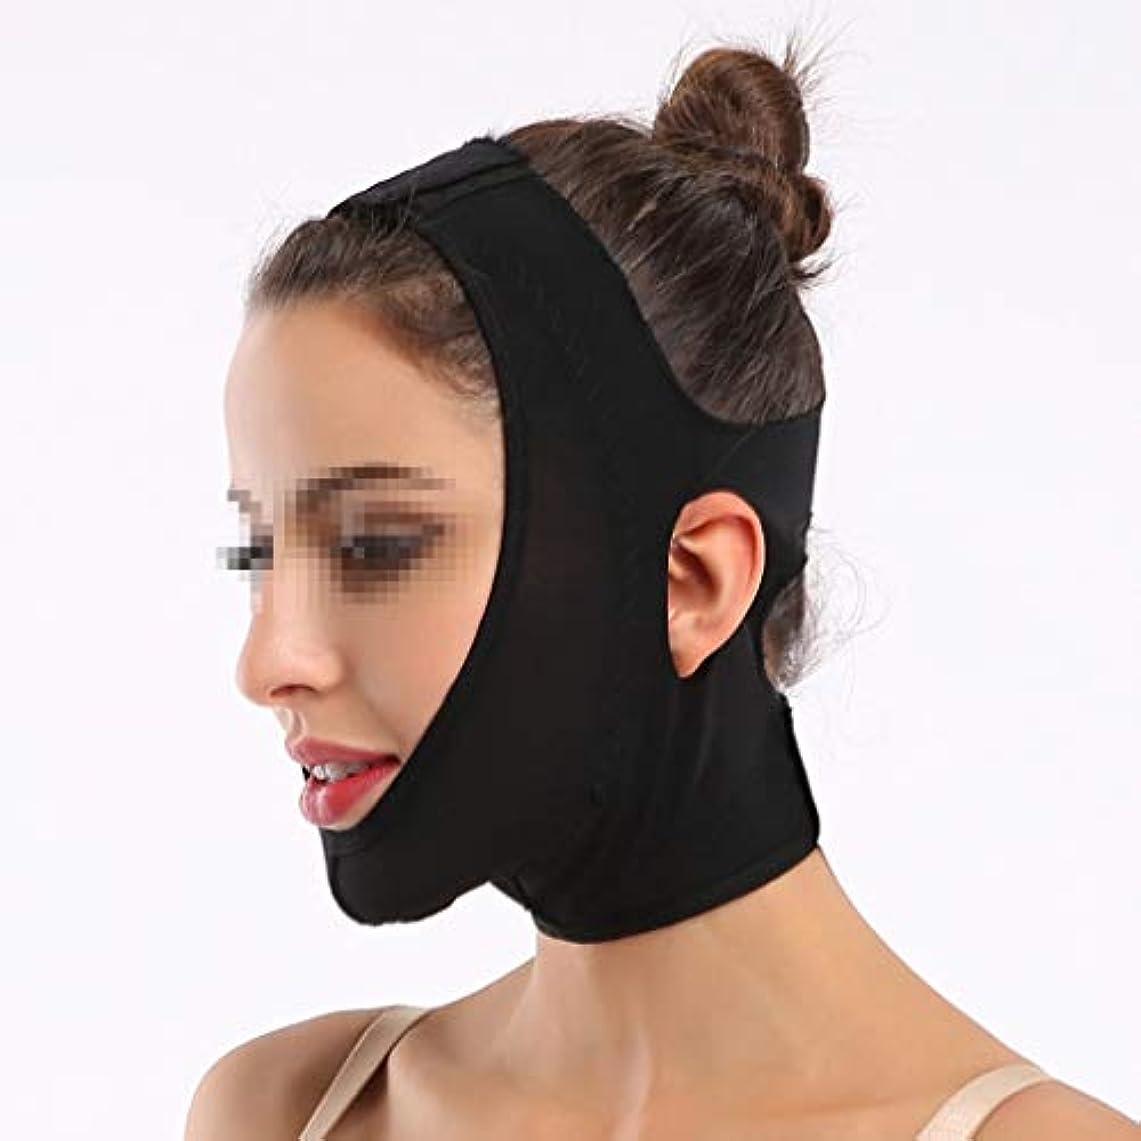 コーデリア火星名誉あるVフェイスマスク、包帯マスクを持ち上げて引き締めるスキニービューティーサロン1日2時間Vフェイスマッサージ術後回復